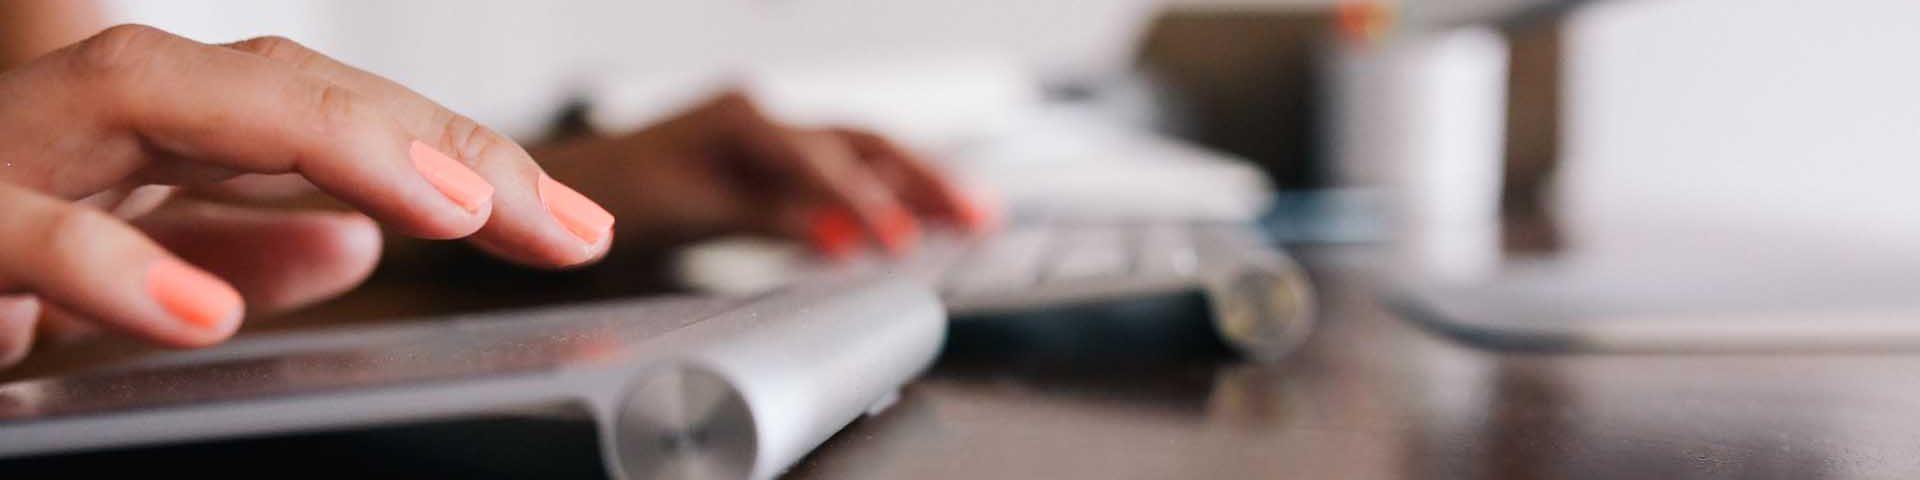 5 Gründe, warum B2B-Unternehmen Content Marketing brauchen